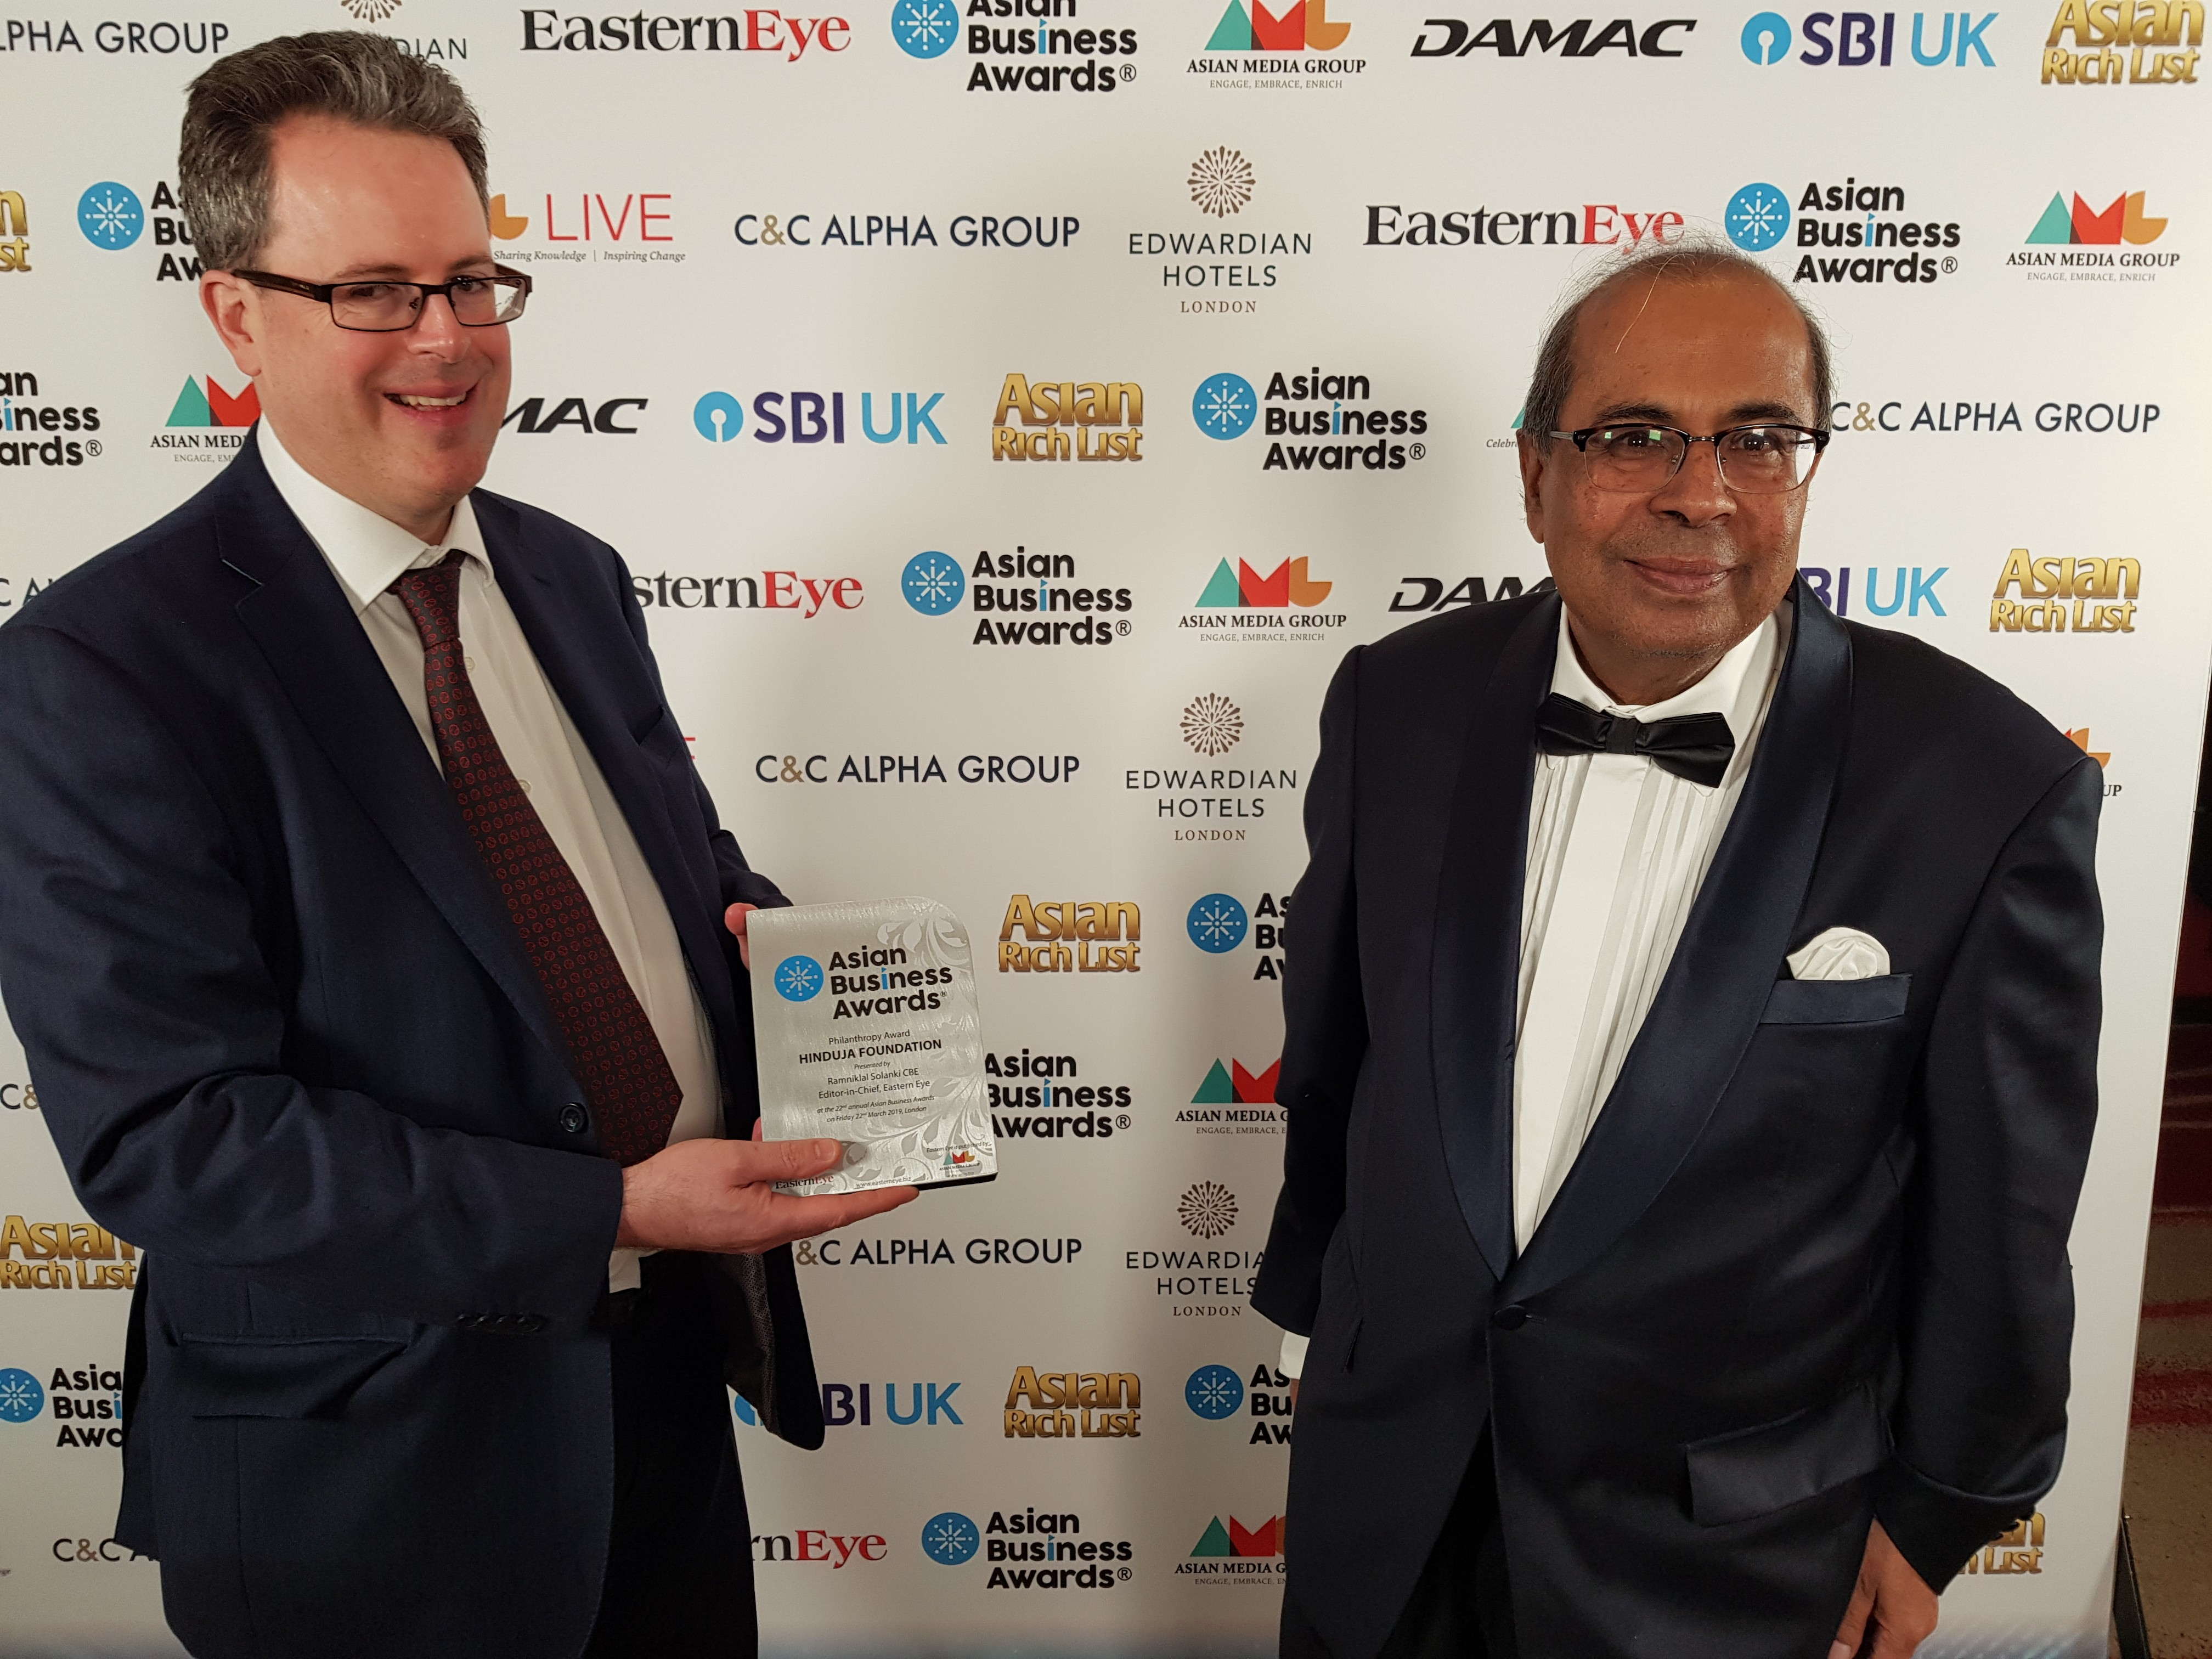 CareTech wins top prize at Asian Business Awards